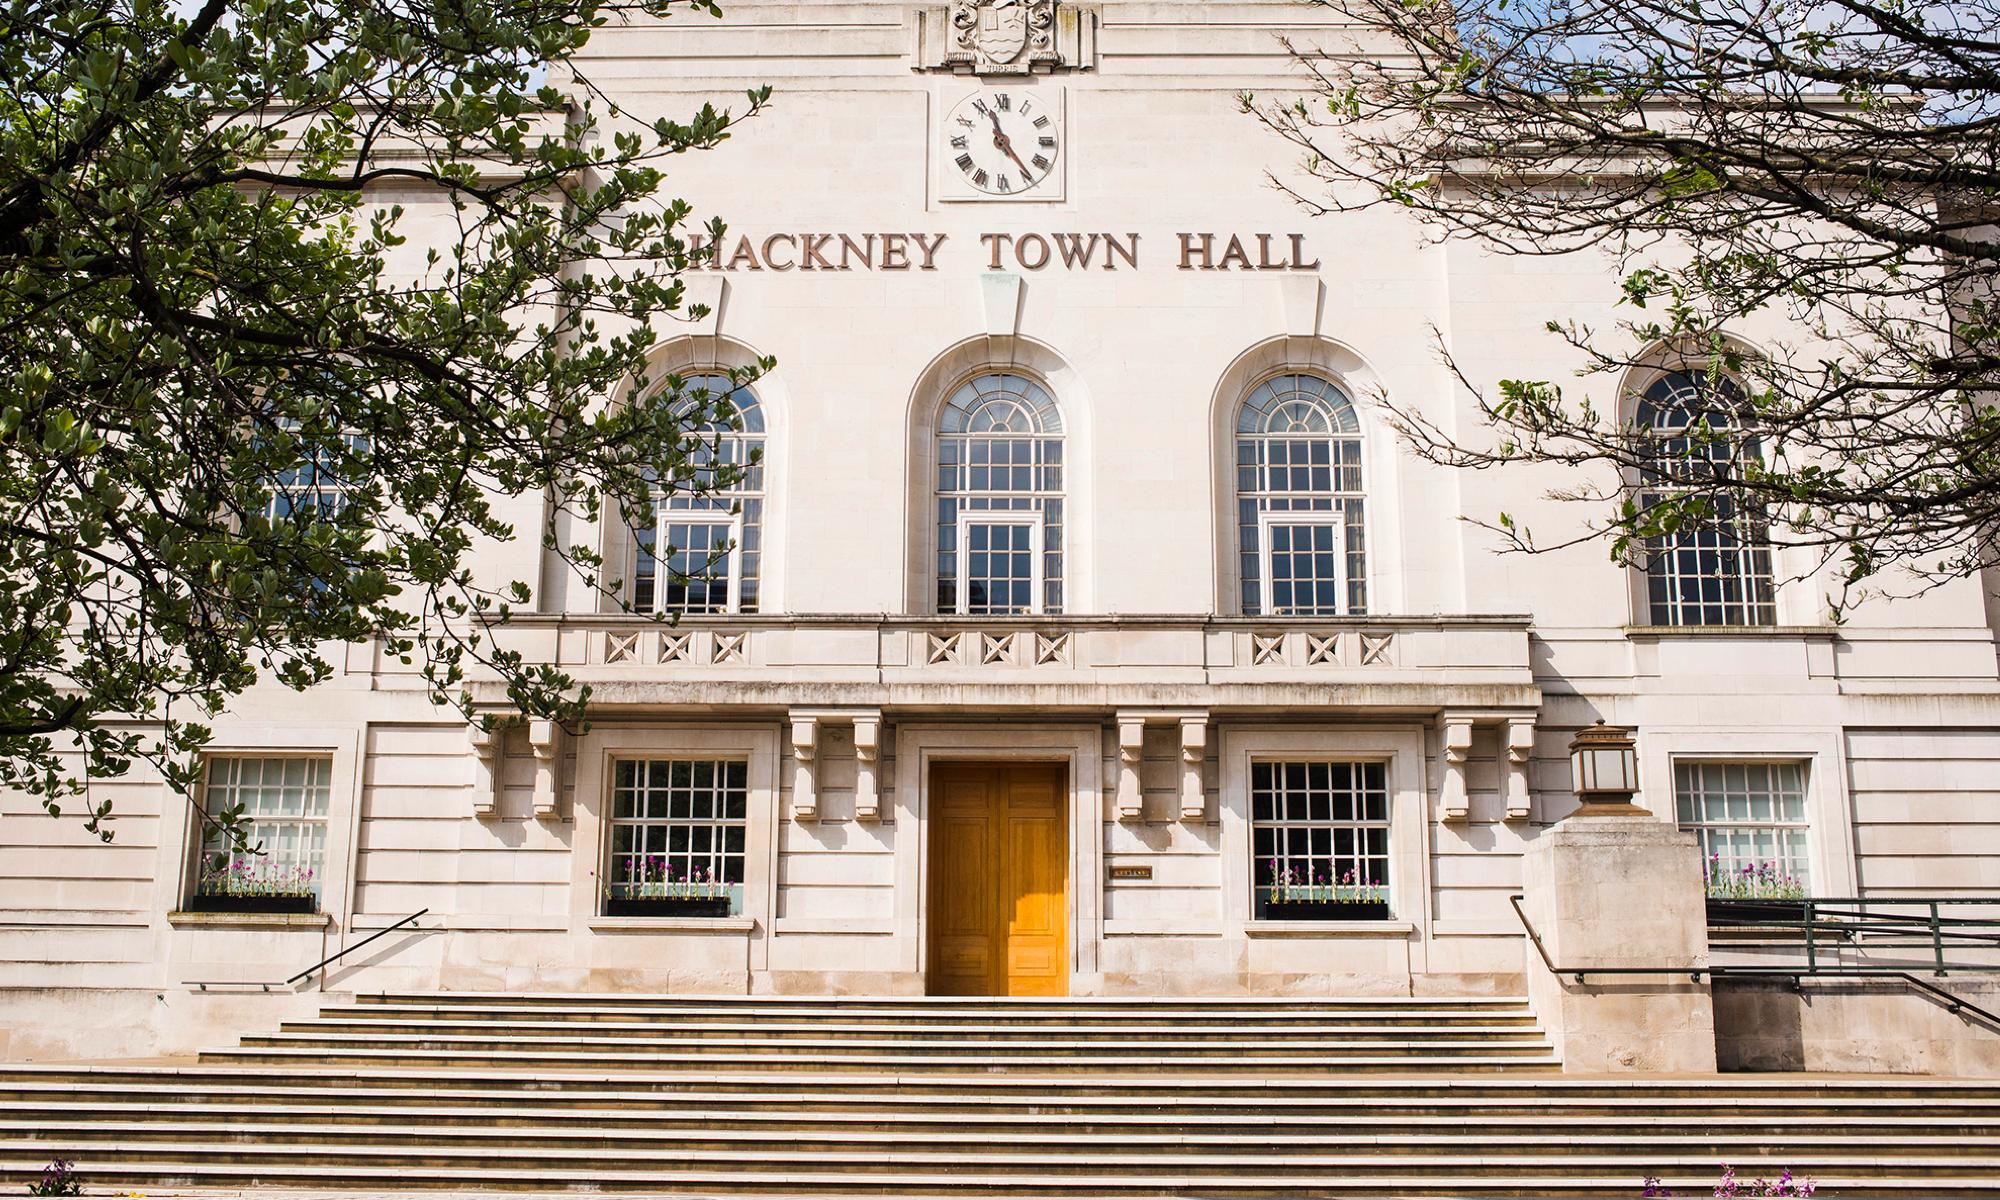 Hackney Town Hall building